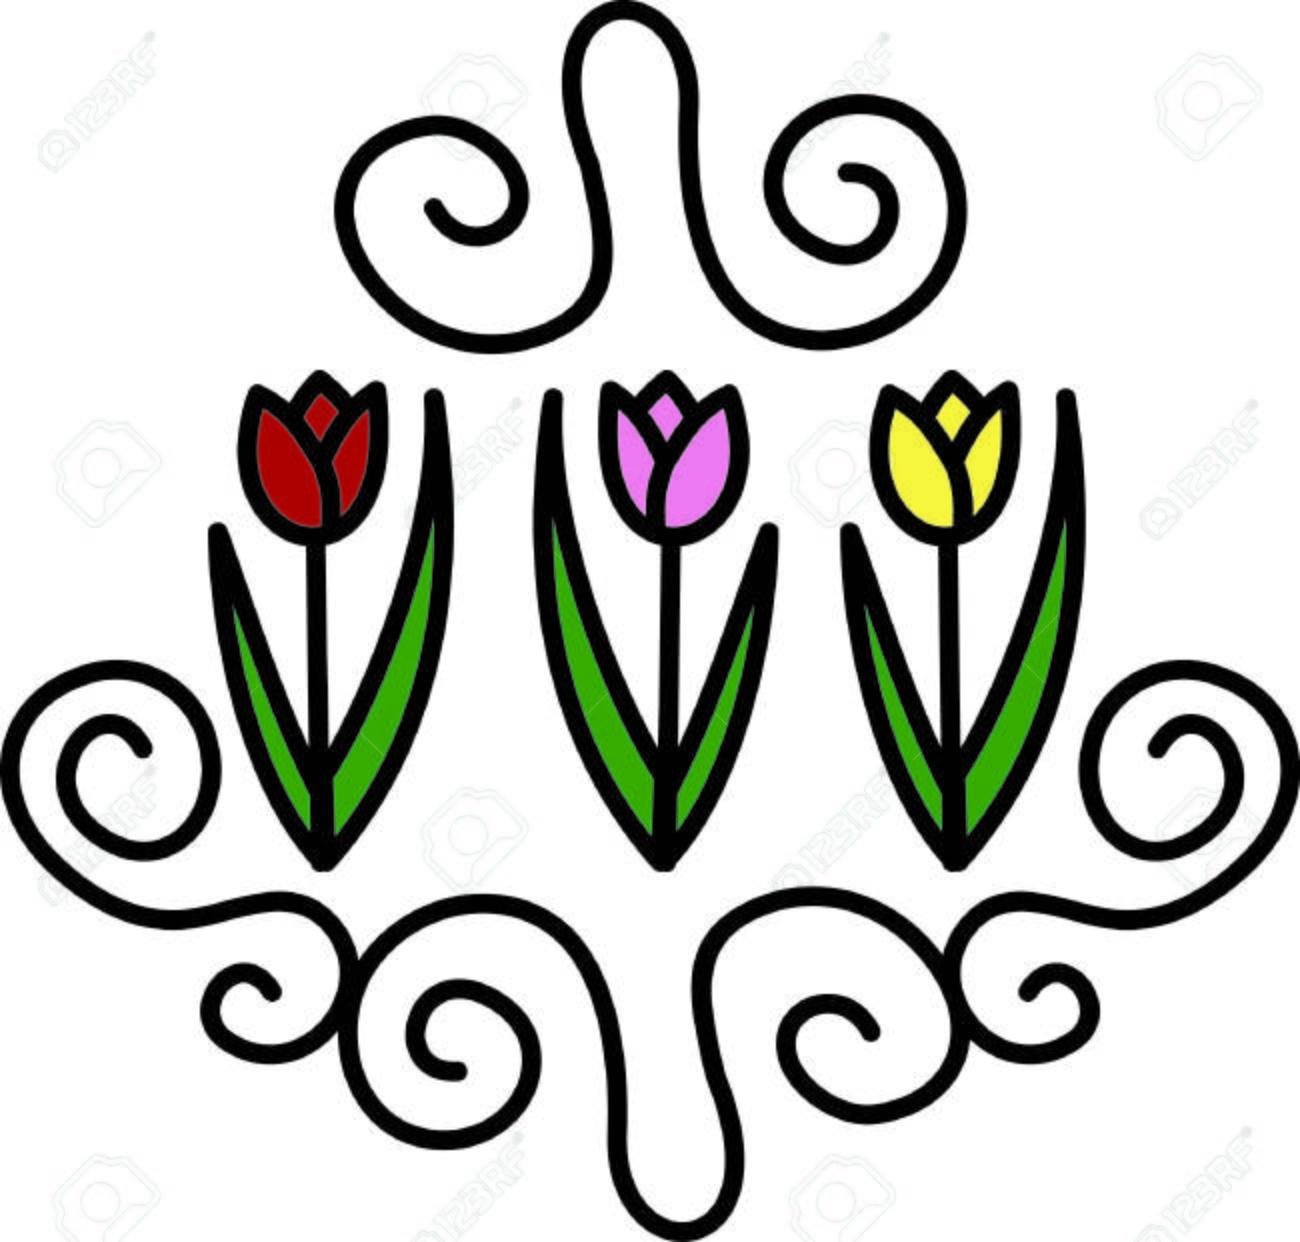 Ajoutez Une Touche De Printemps Avec Ce Dessin Floral Cette Rangee De Tulipes Ajoute De La Couleur Et Un Charme Particulier Clip Art Libres De Droits Vecteurs Et Illustration Image 40817041